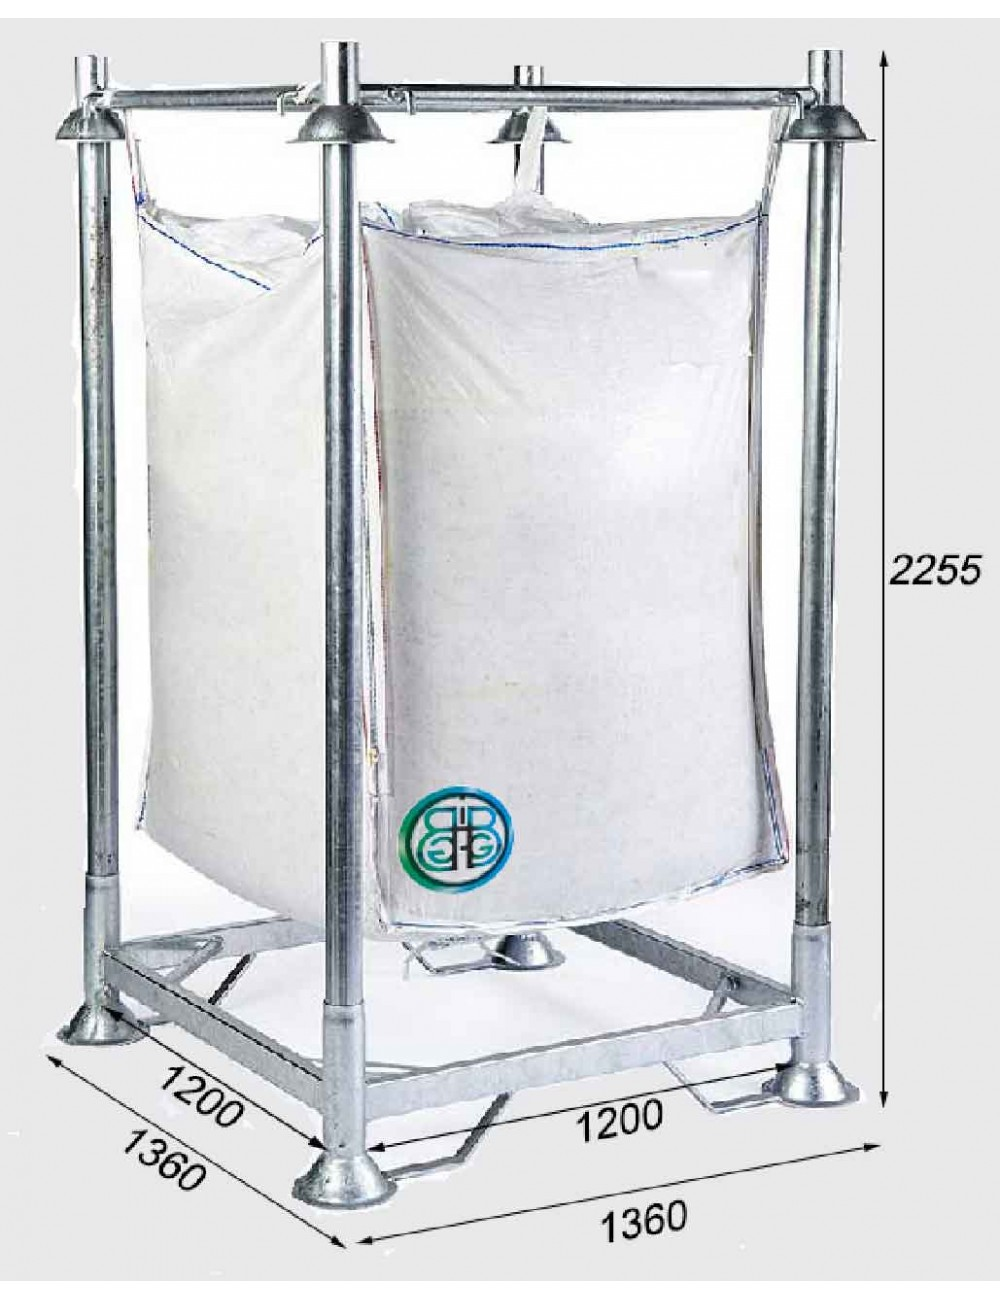 Structure support Renforcée pour Big Bag Hauteur 225,5 cm